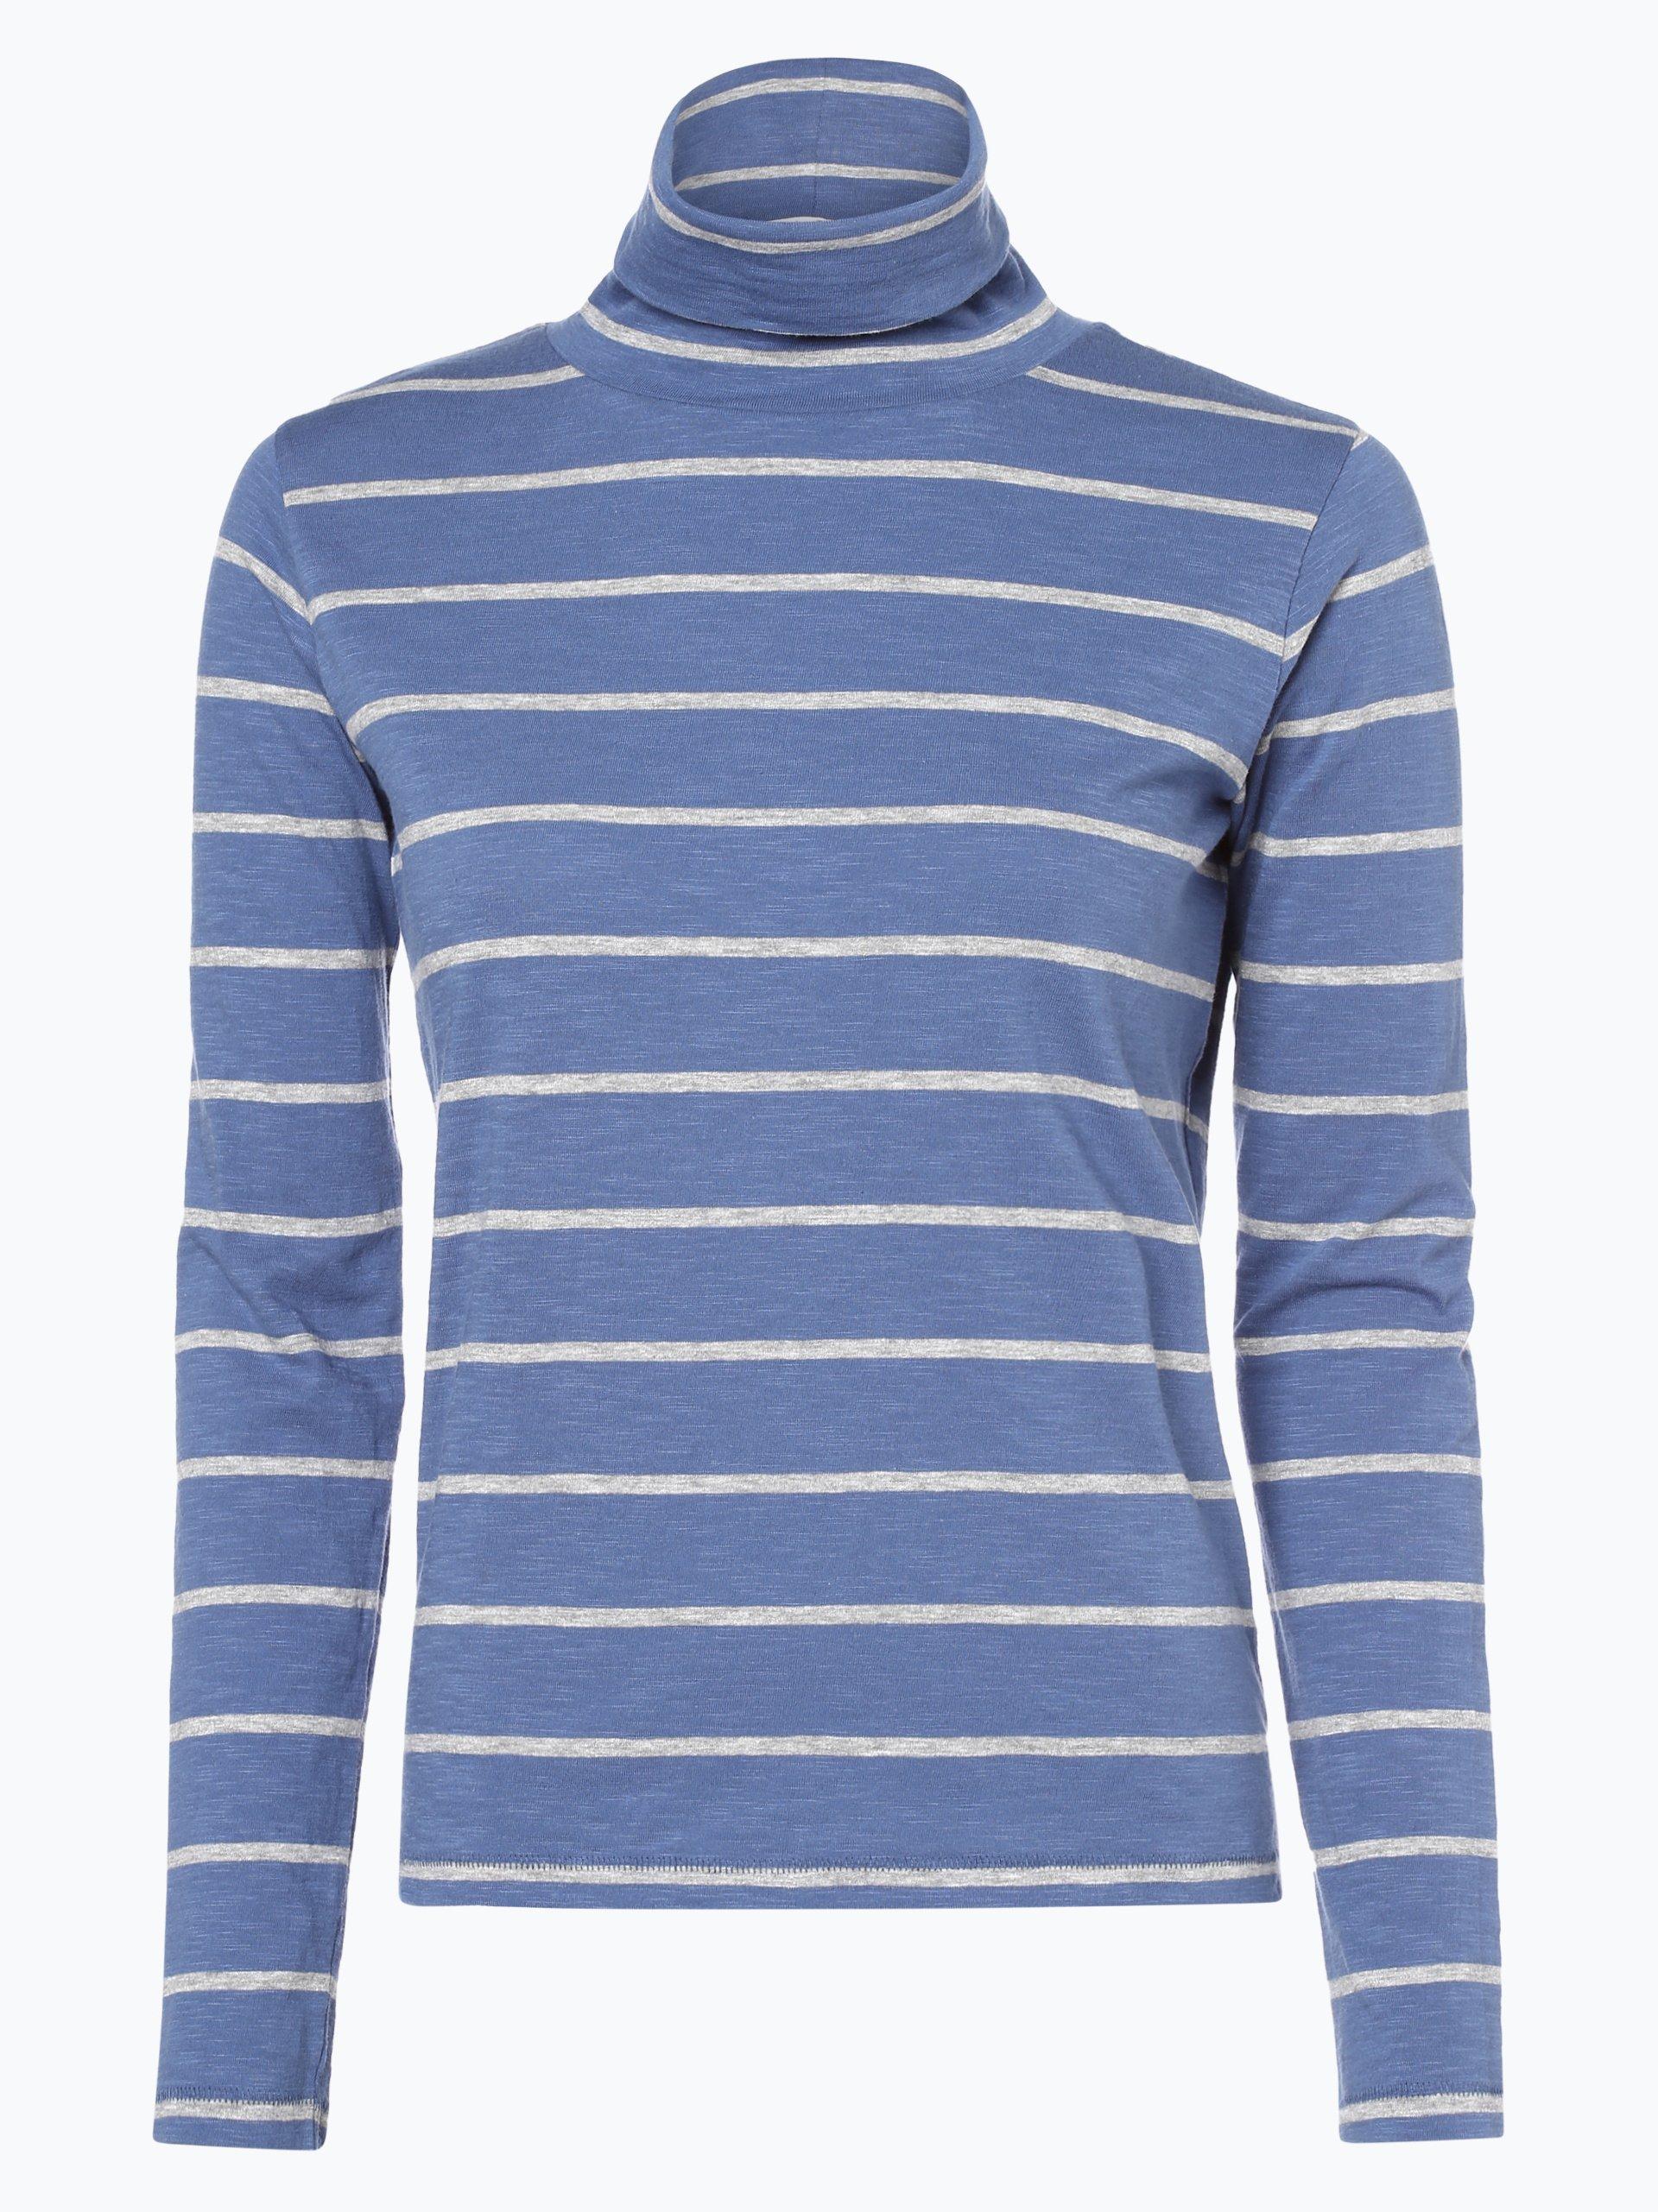 marie lund damen langarmshirt blau gestreift online kaufen peek und cloppenburg de. Black Bedroom Furniture Sets. Home Design Ideas